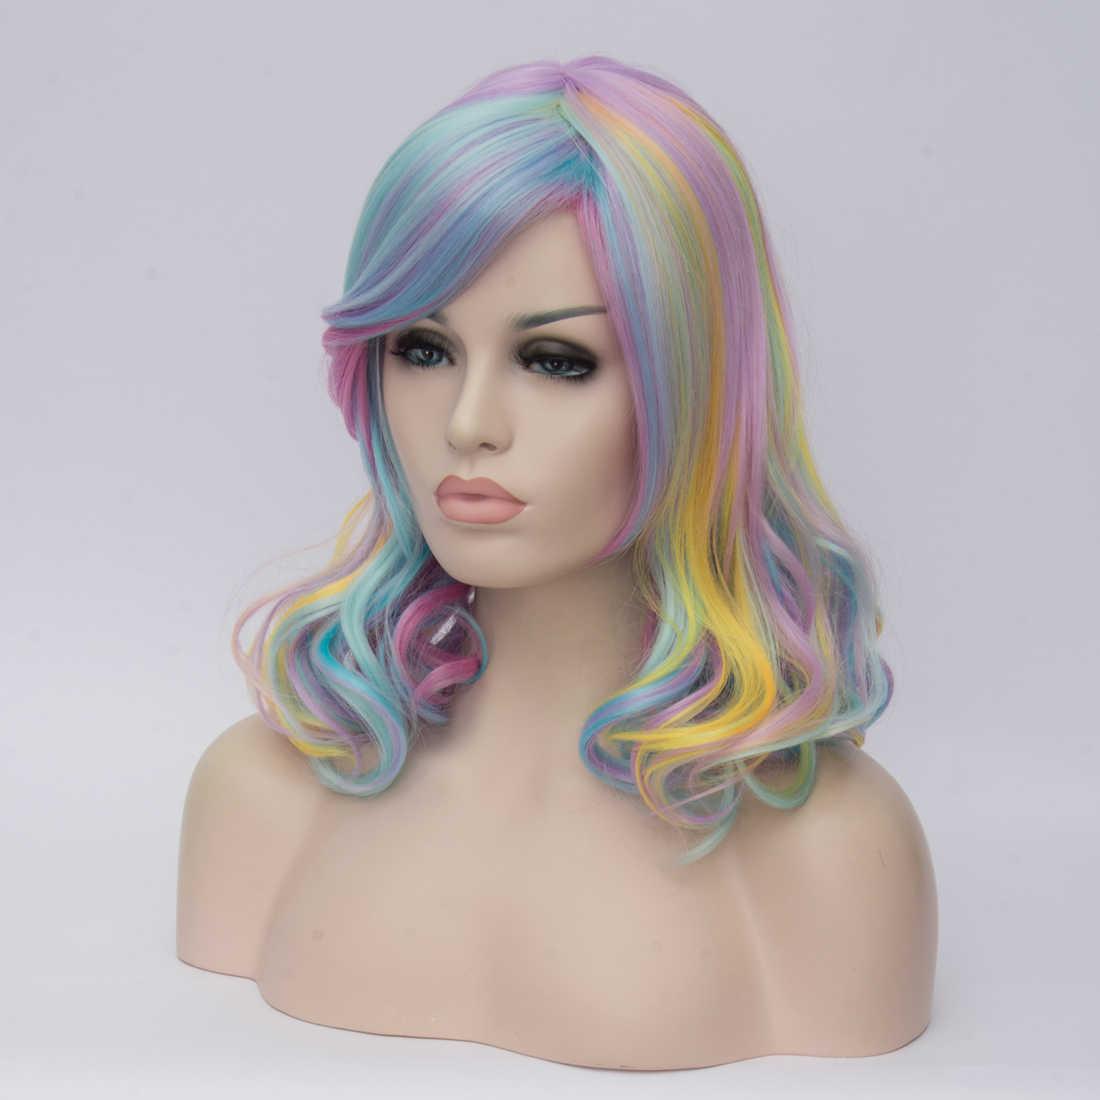 Similler 14 дюймов женский короткий костюм кудрявые радужные волосы Косплей вечерние синтетический парик + парик cap (многоцветный)